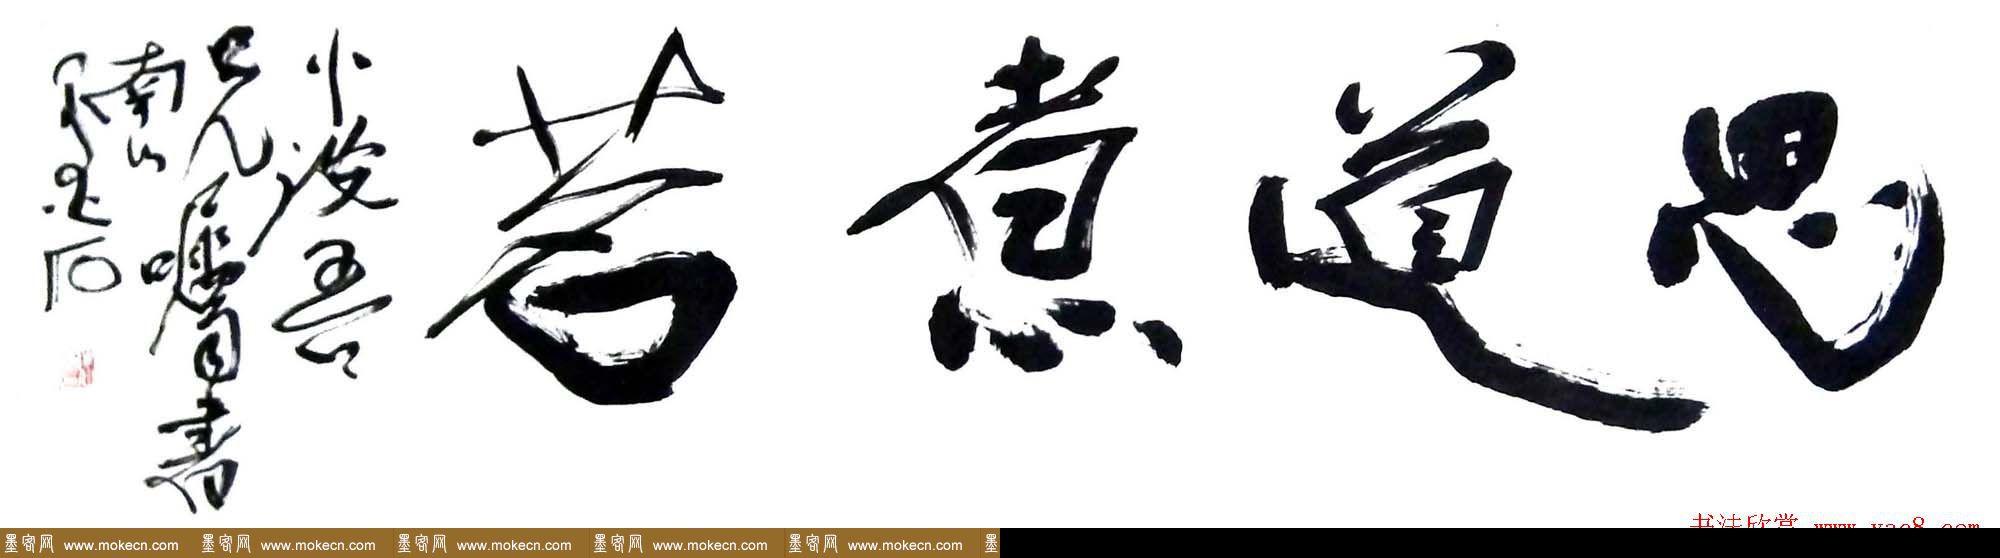 裴墨石草书书法作品欣赏